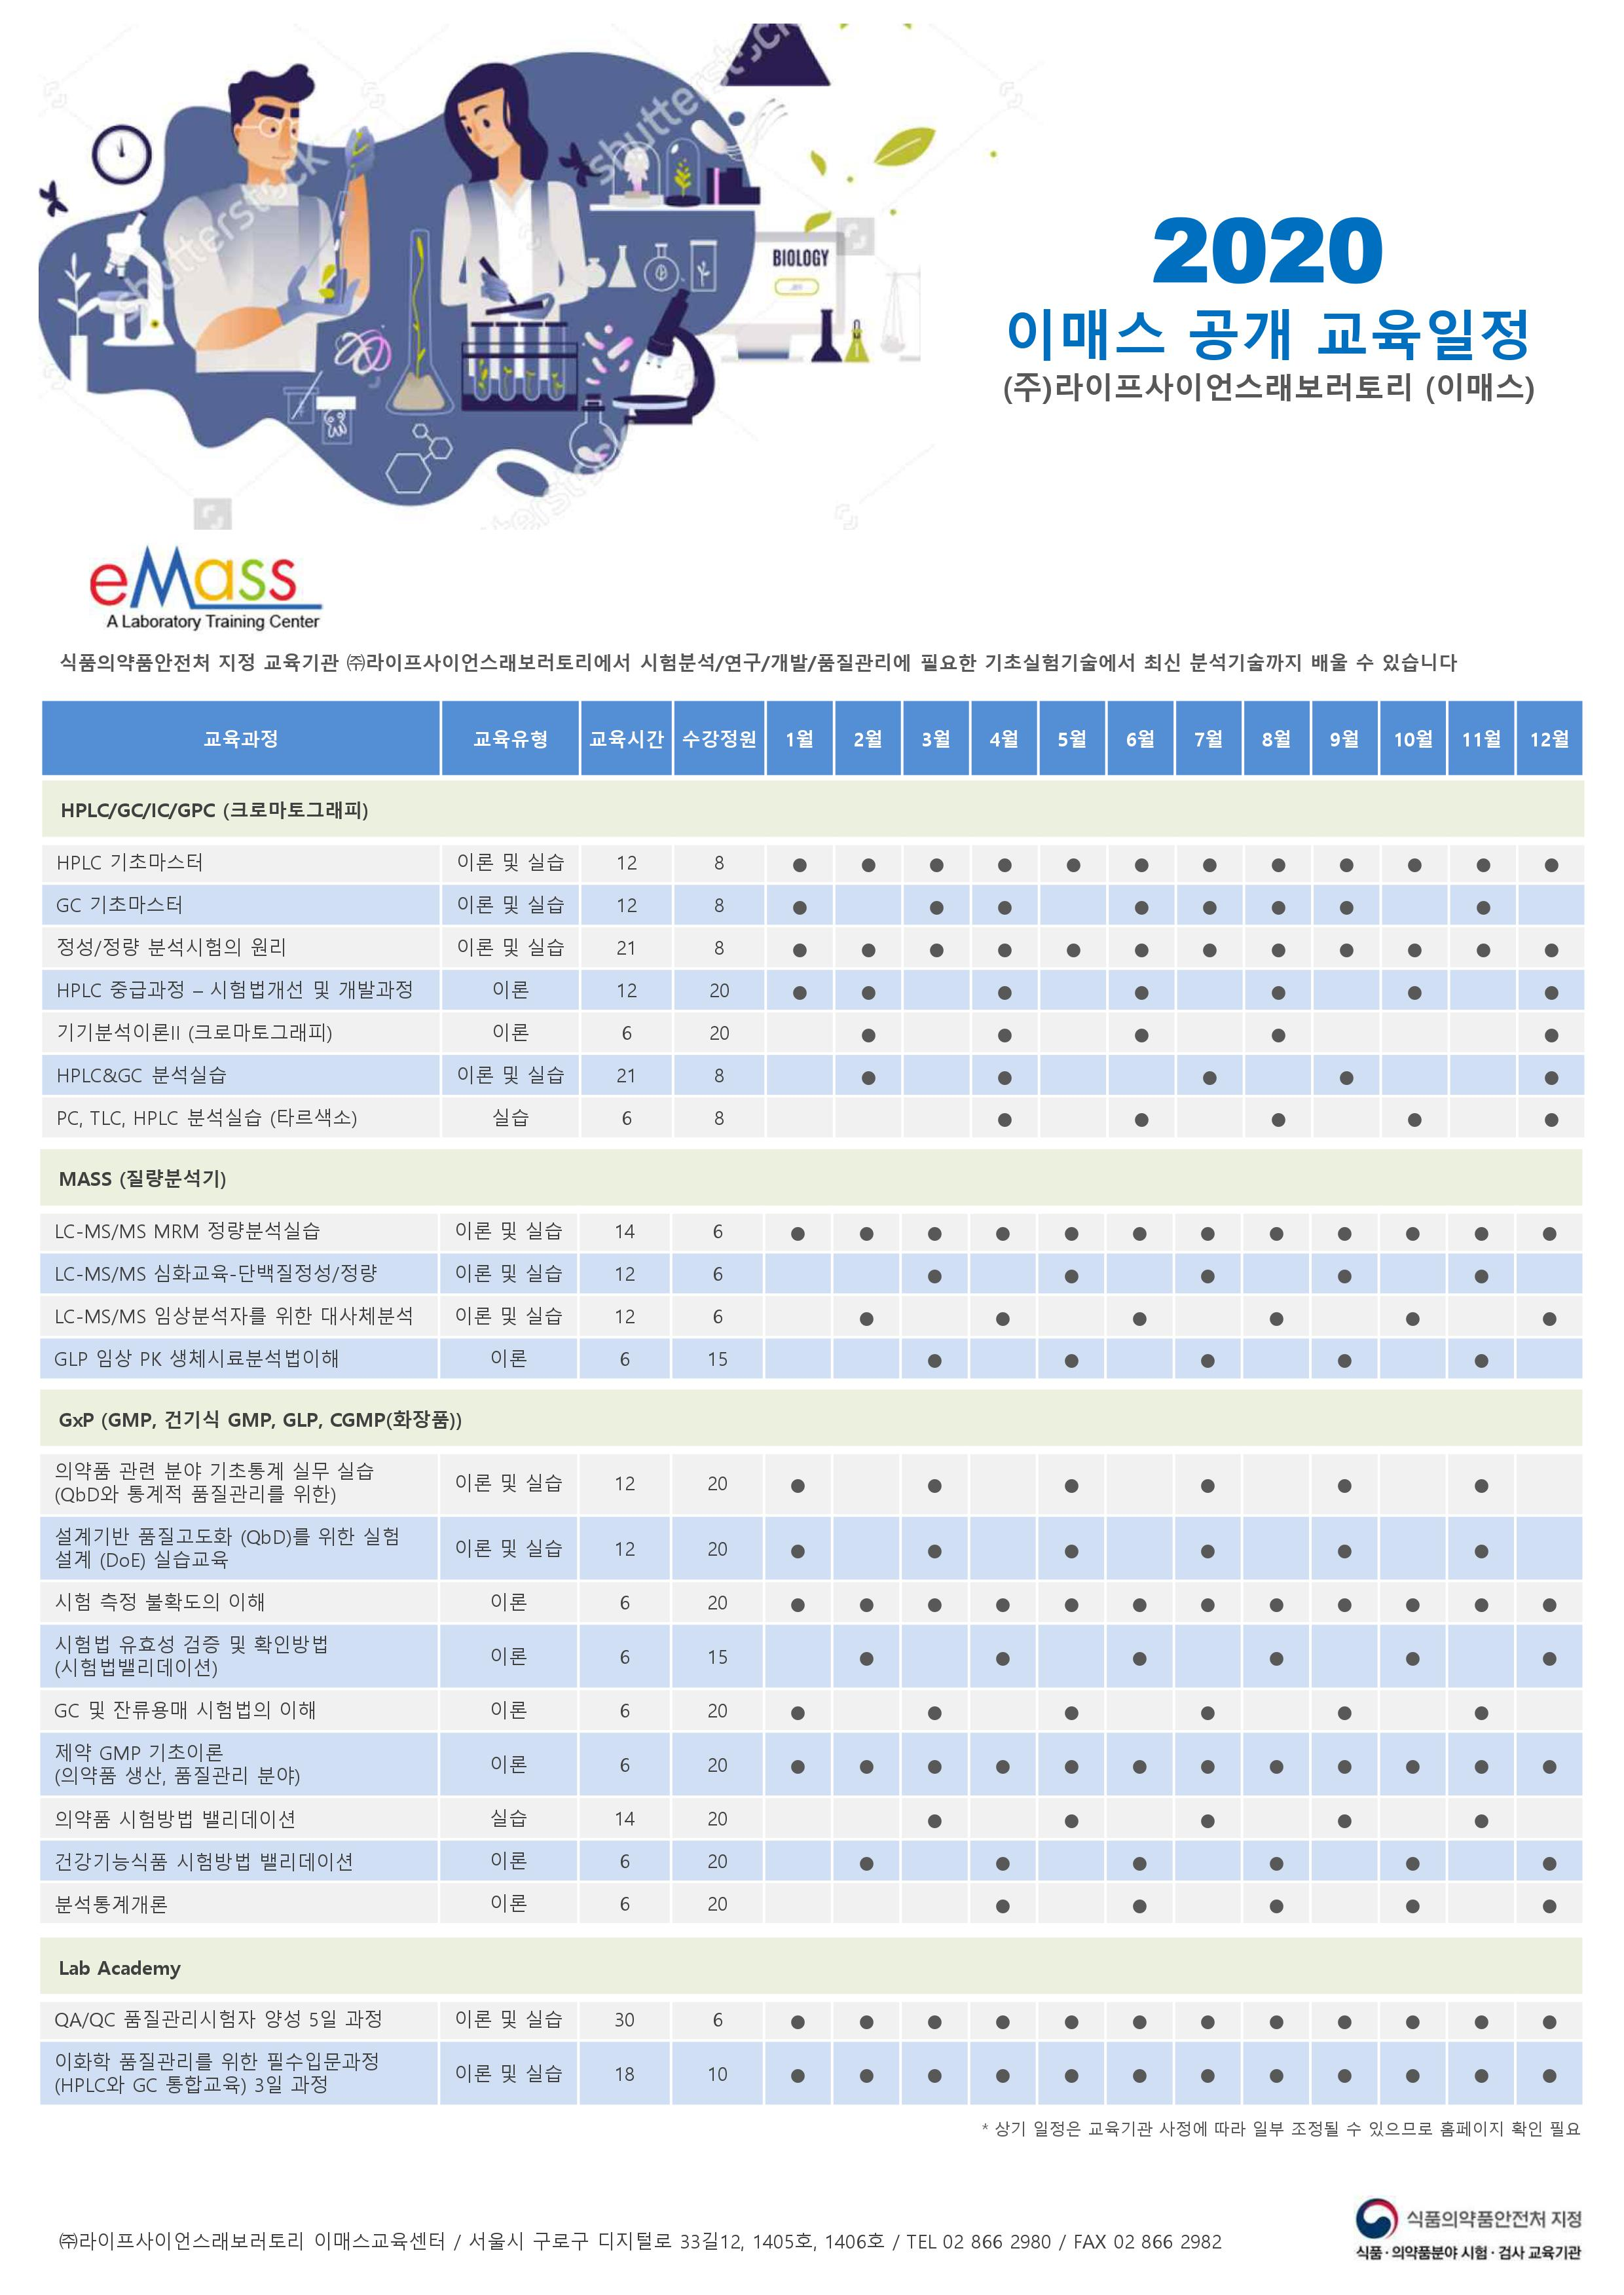 2020_이매스 교육일정_공개교육.jpg